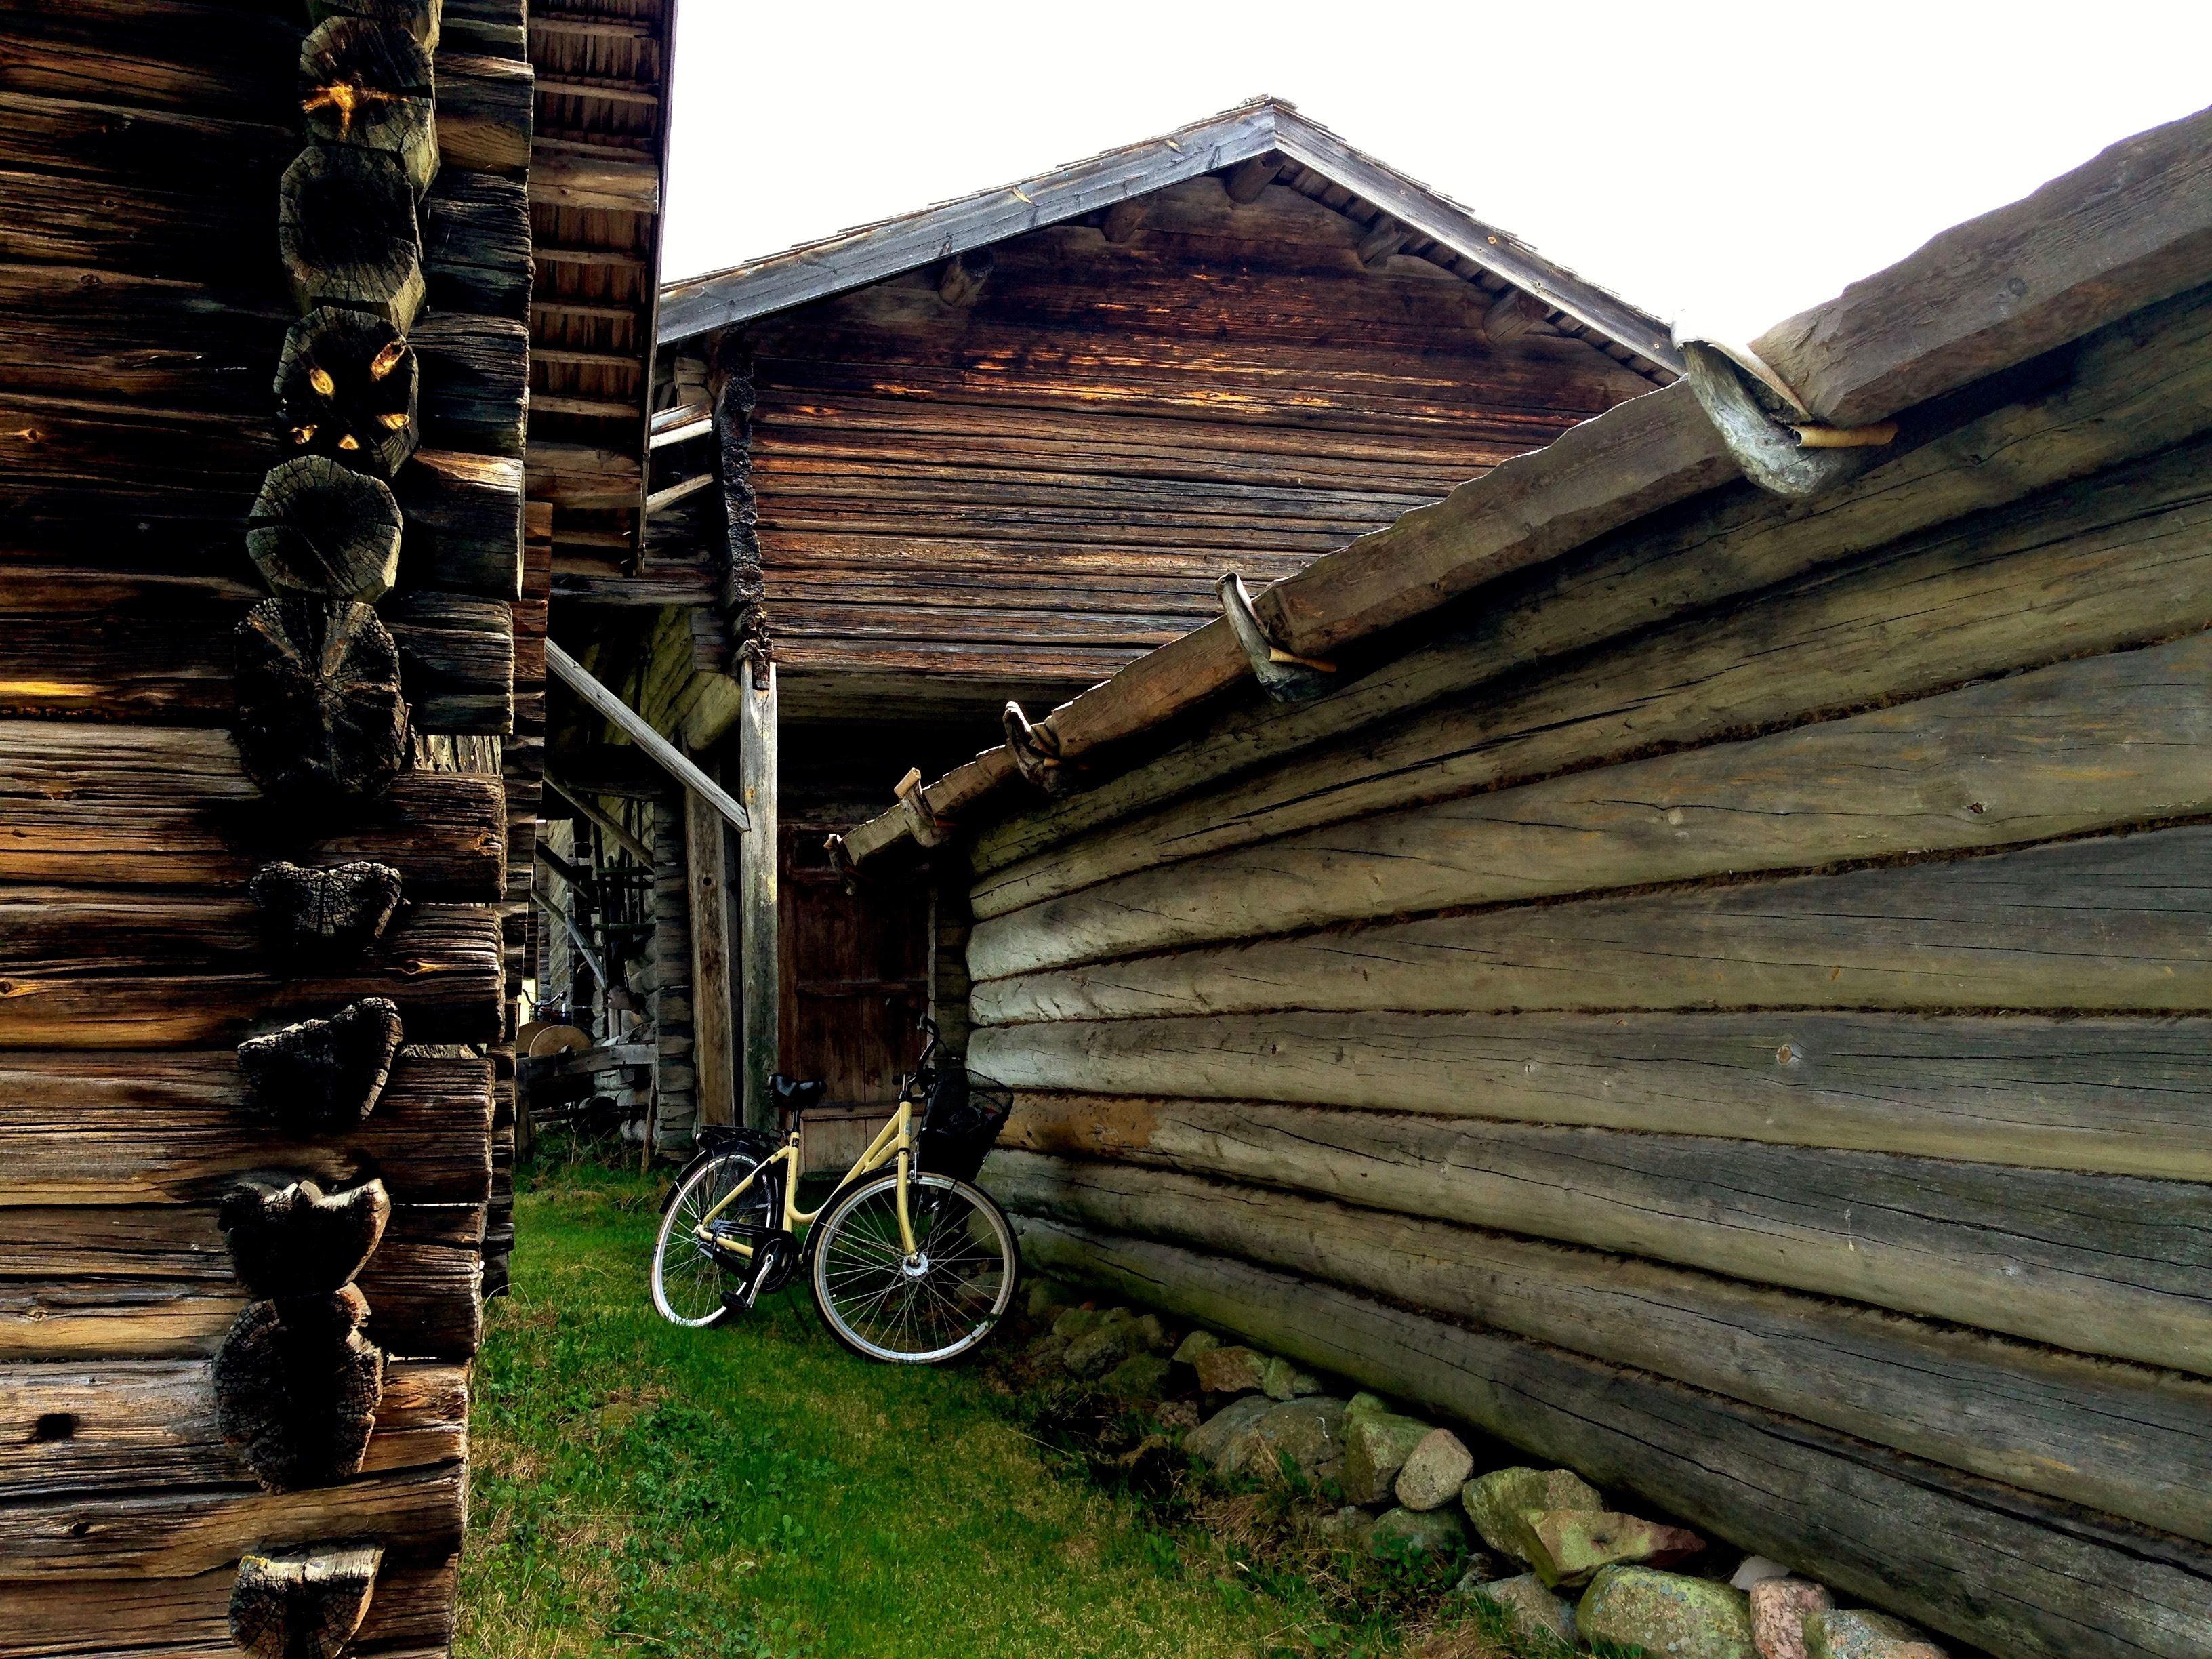 Lotta Backlund, Cykelturistveckan 2018 Rättvik